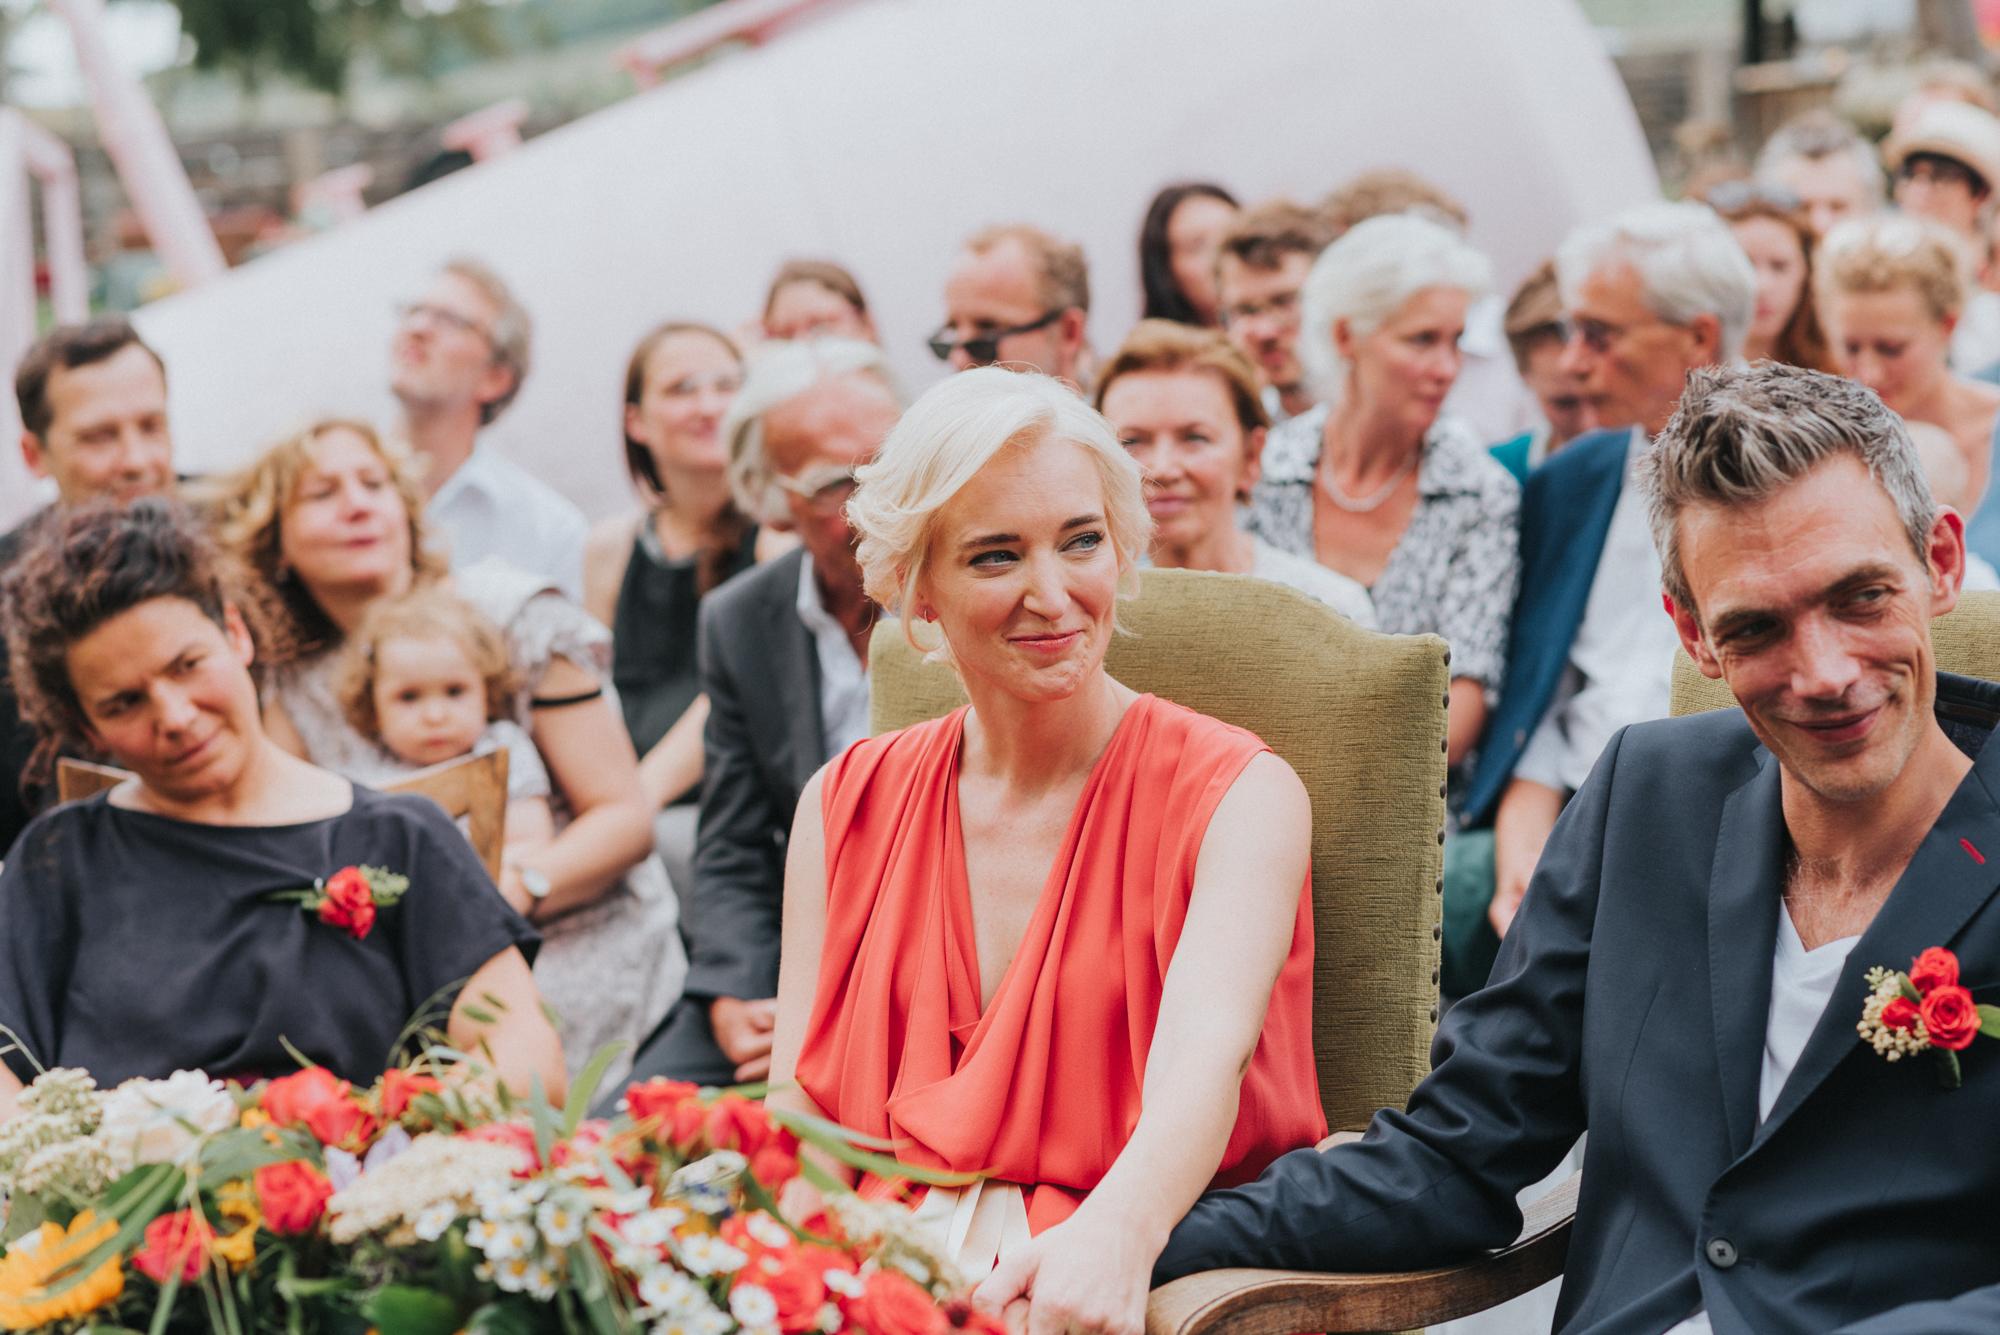 belle&sass_Hochzeit_Stadtflucht Bergmühle-27.jpg